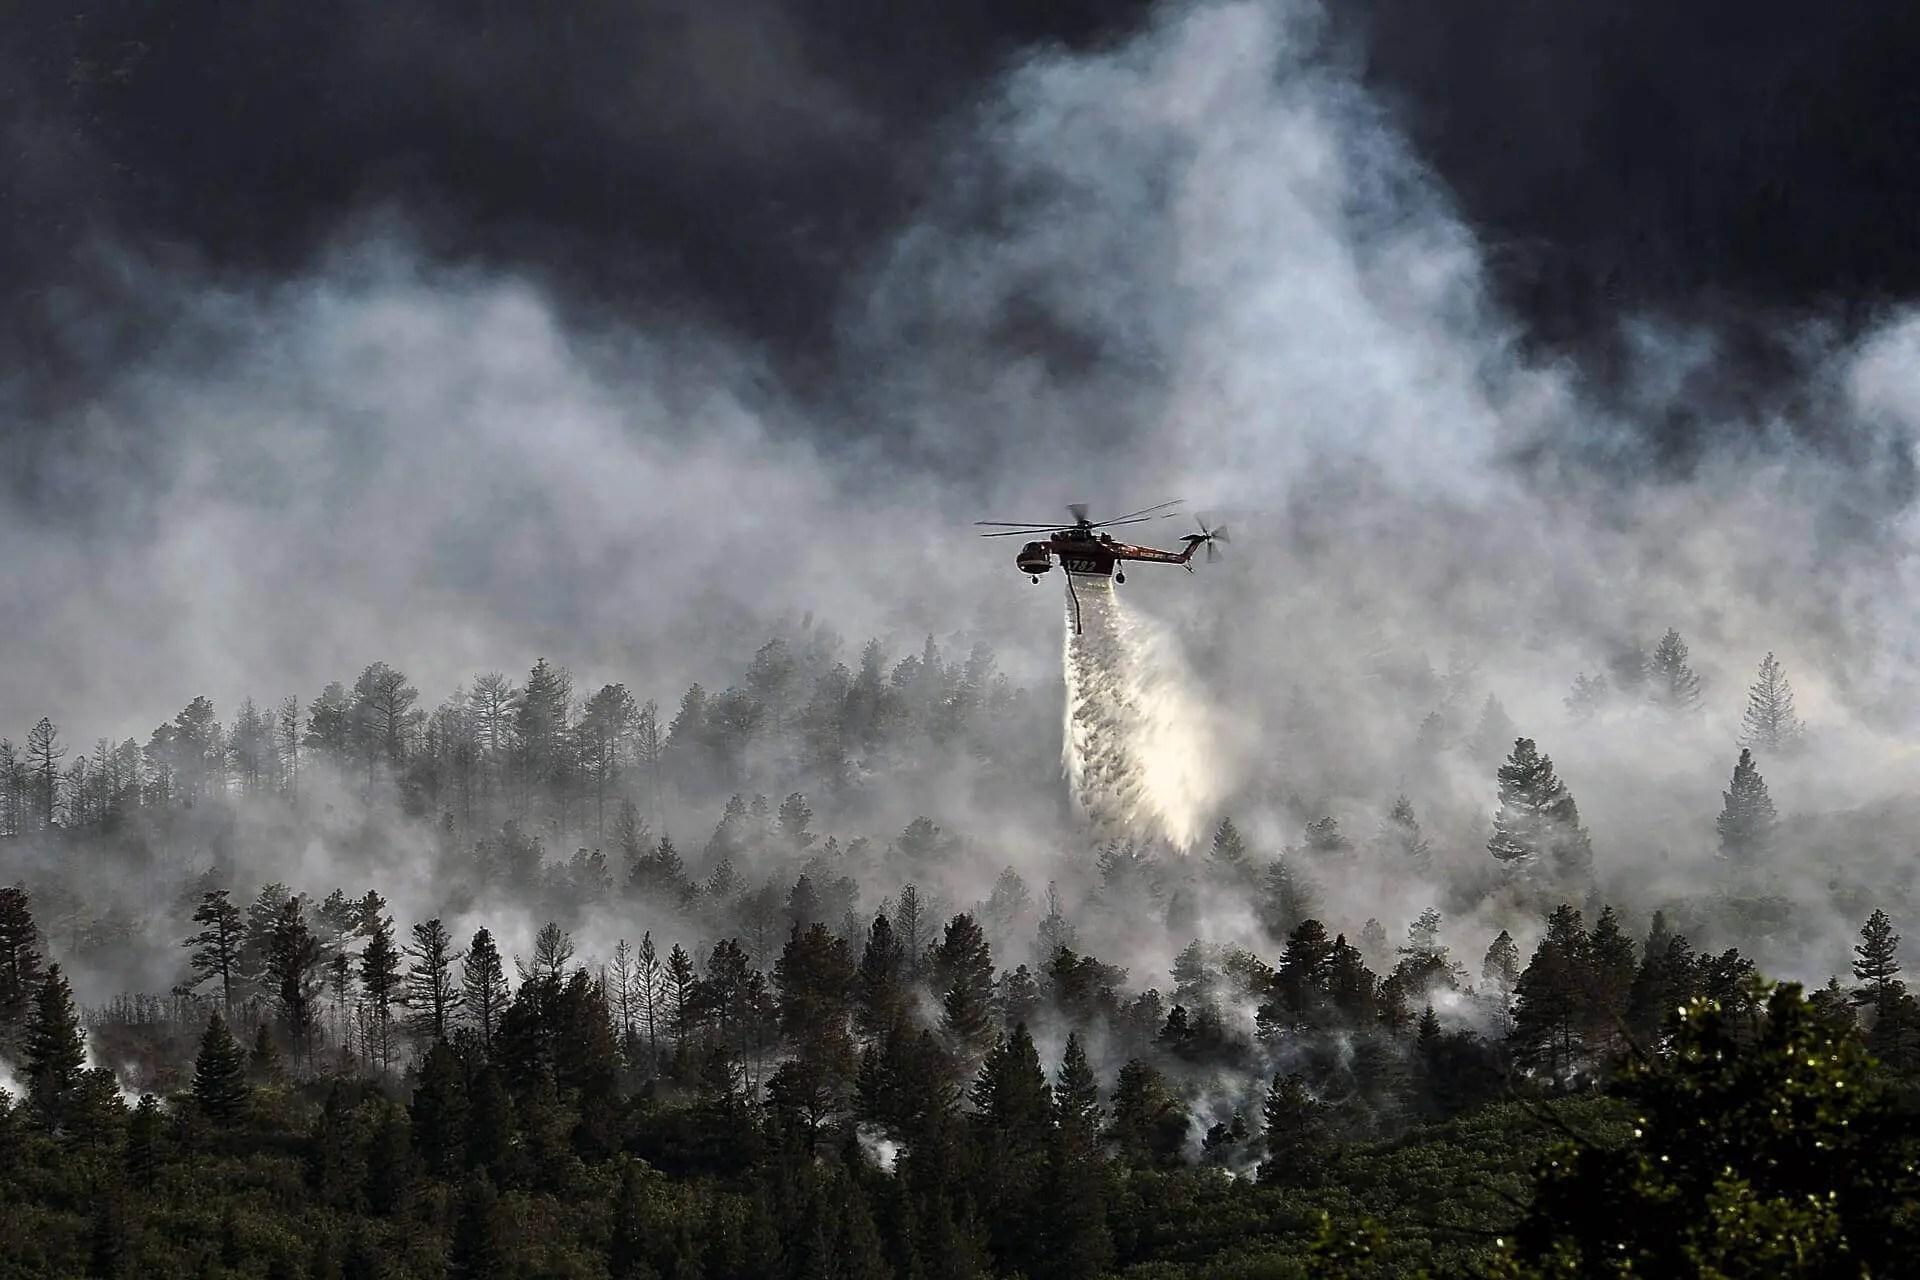 Löschhubschrauber im Einsatz bei einem Waldbrand